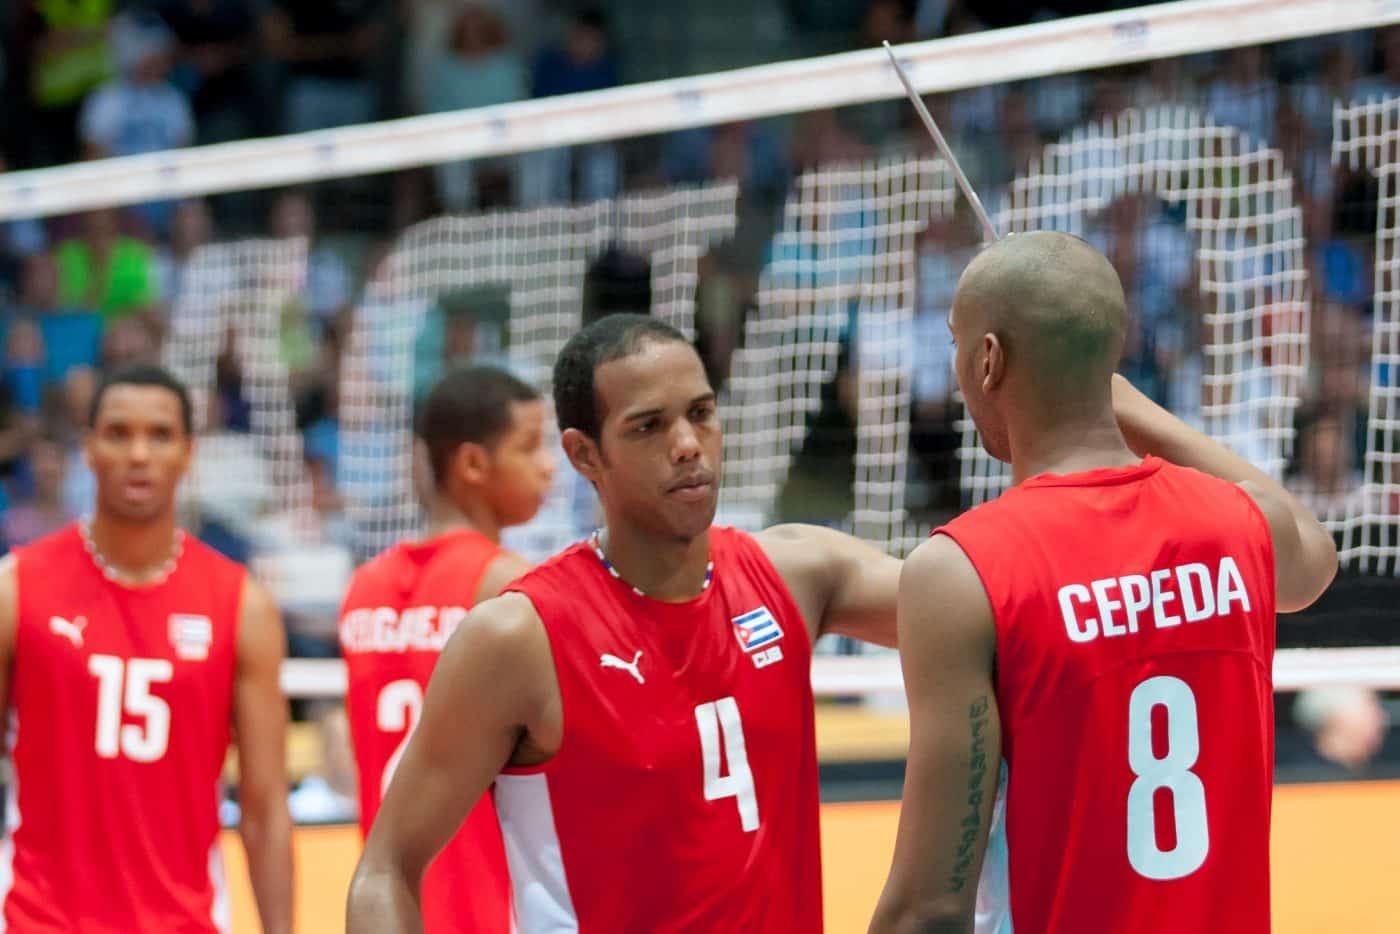 Quelle est l'offre Puma pour le volley ball ? Volleypack